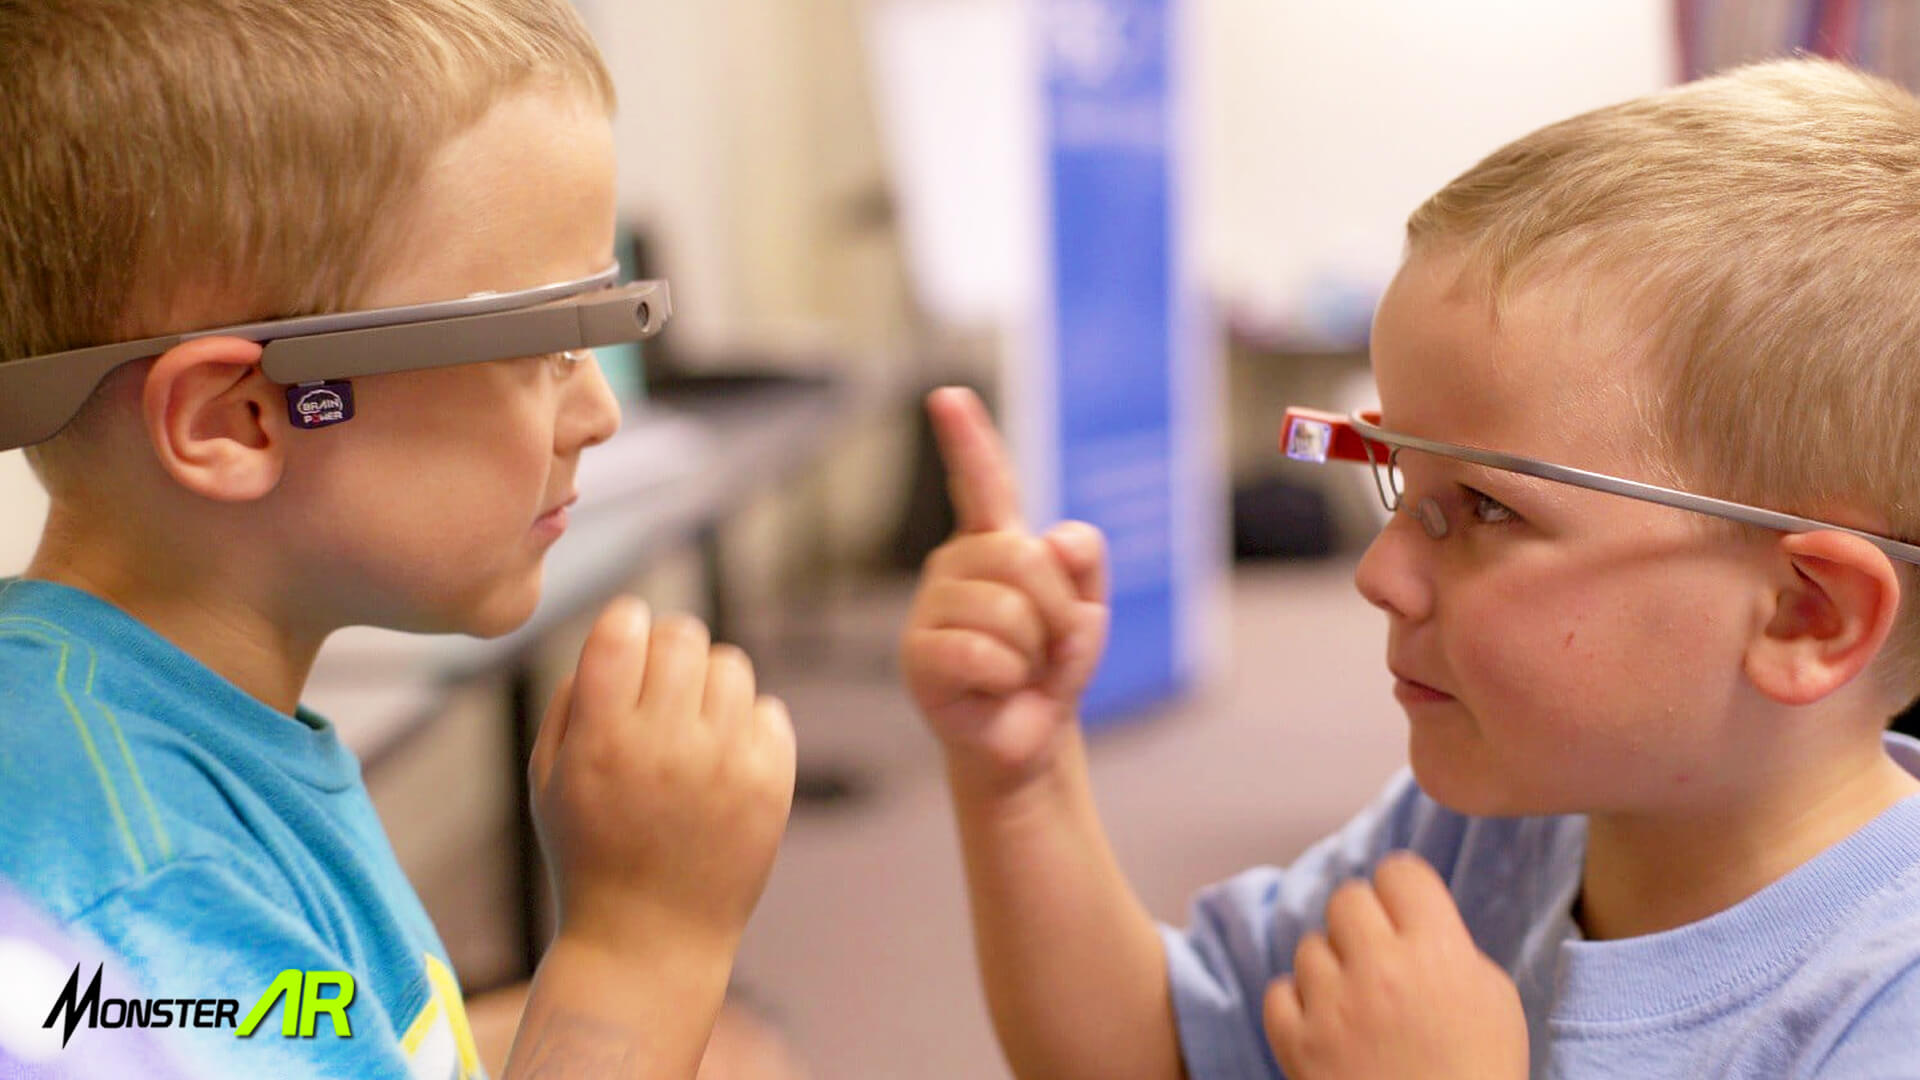 teknologi di bidang kesehatan untuk penderita autisme